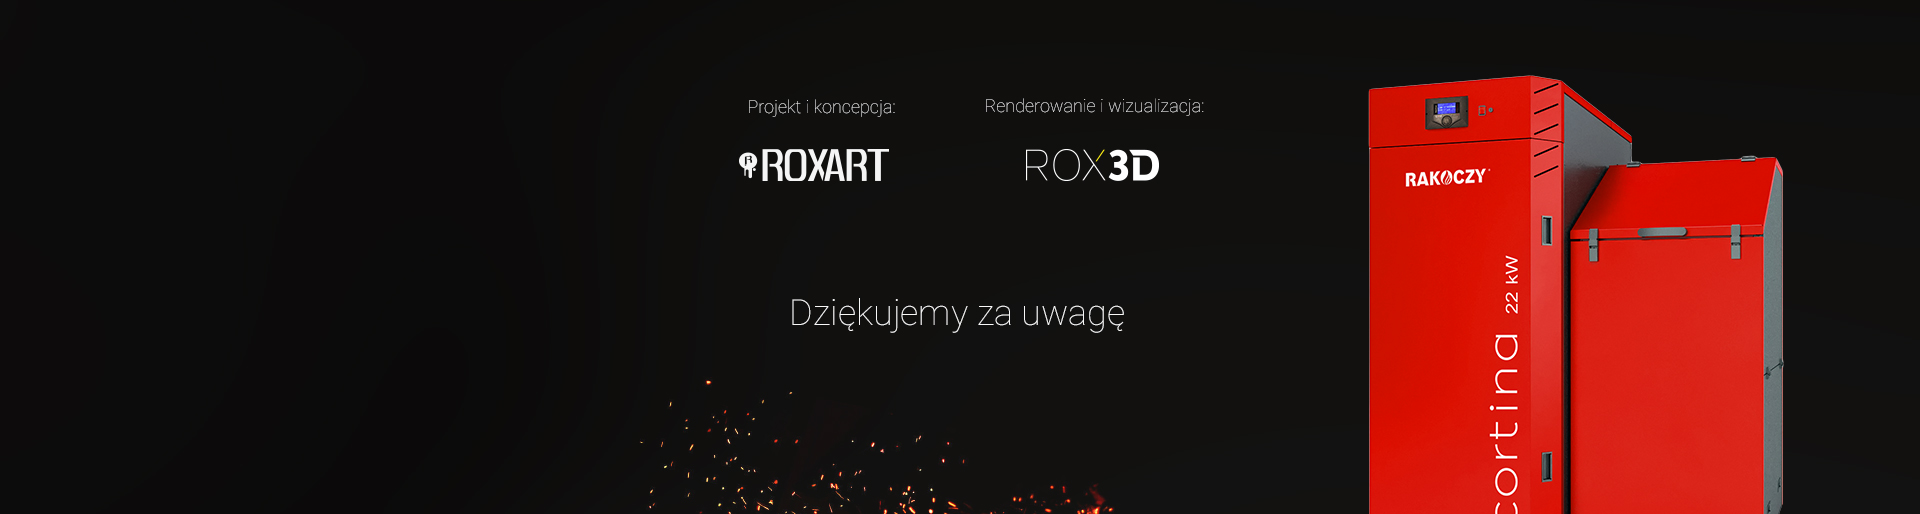 Rakoczy - Realizacja - Agencja ROXART